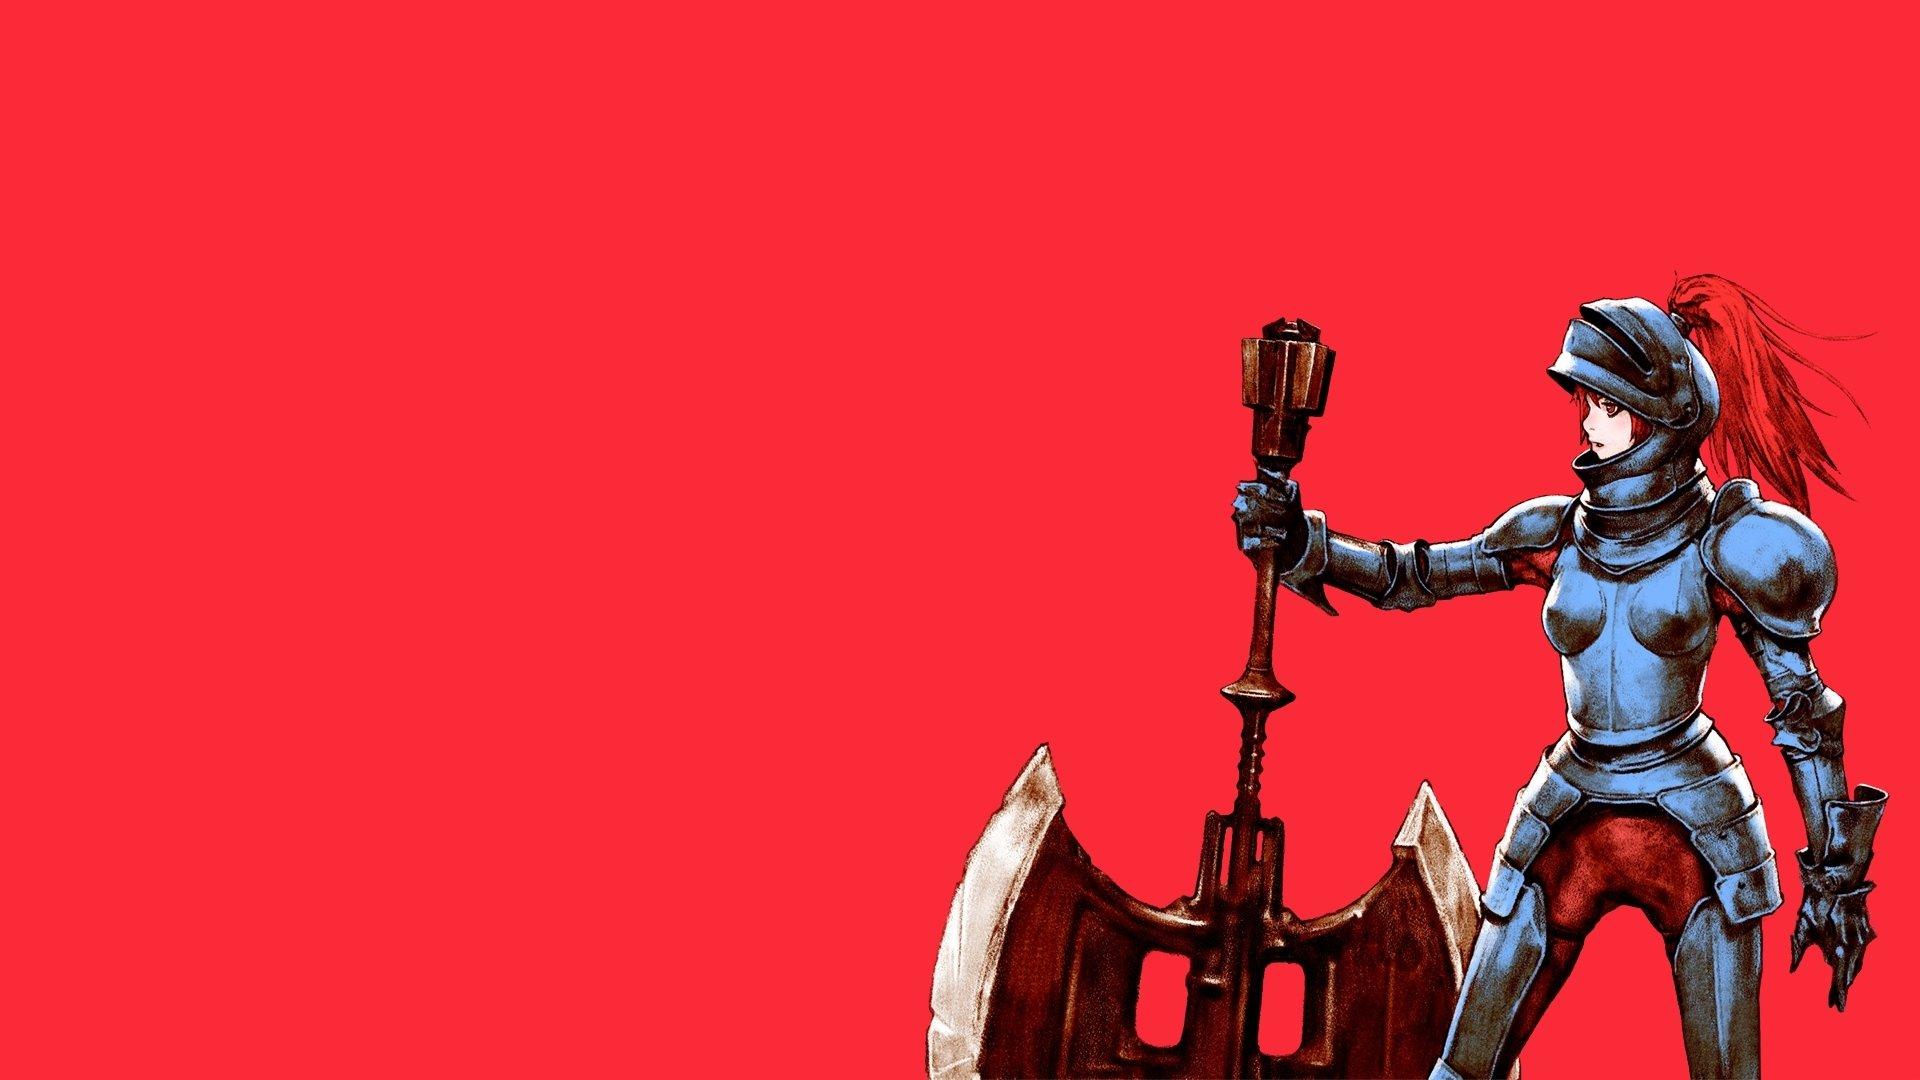 Video Game - Castlevania: Portrait Of Ruin  Wallpaper